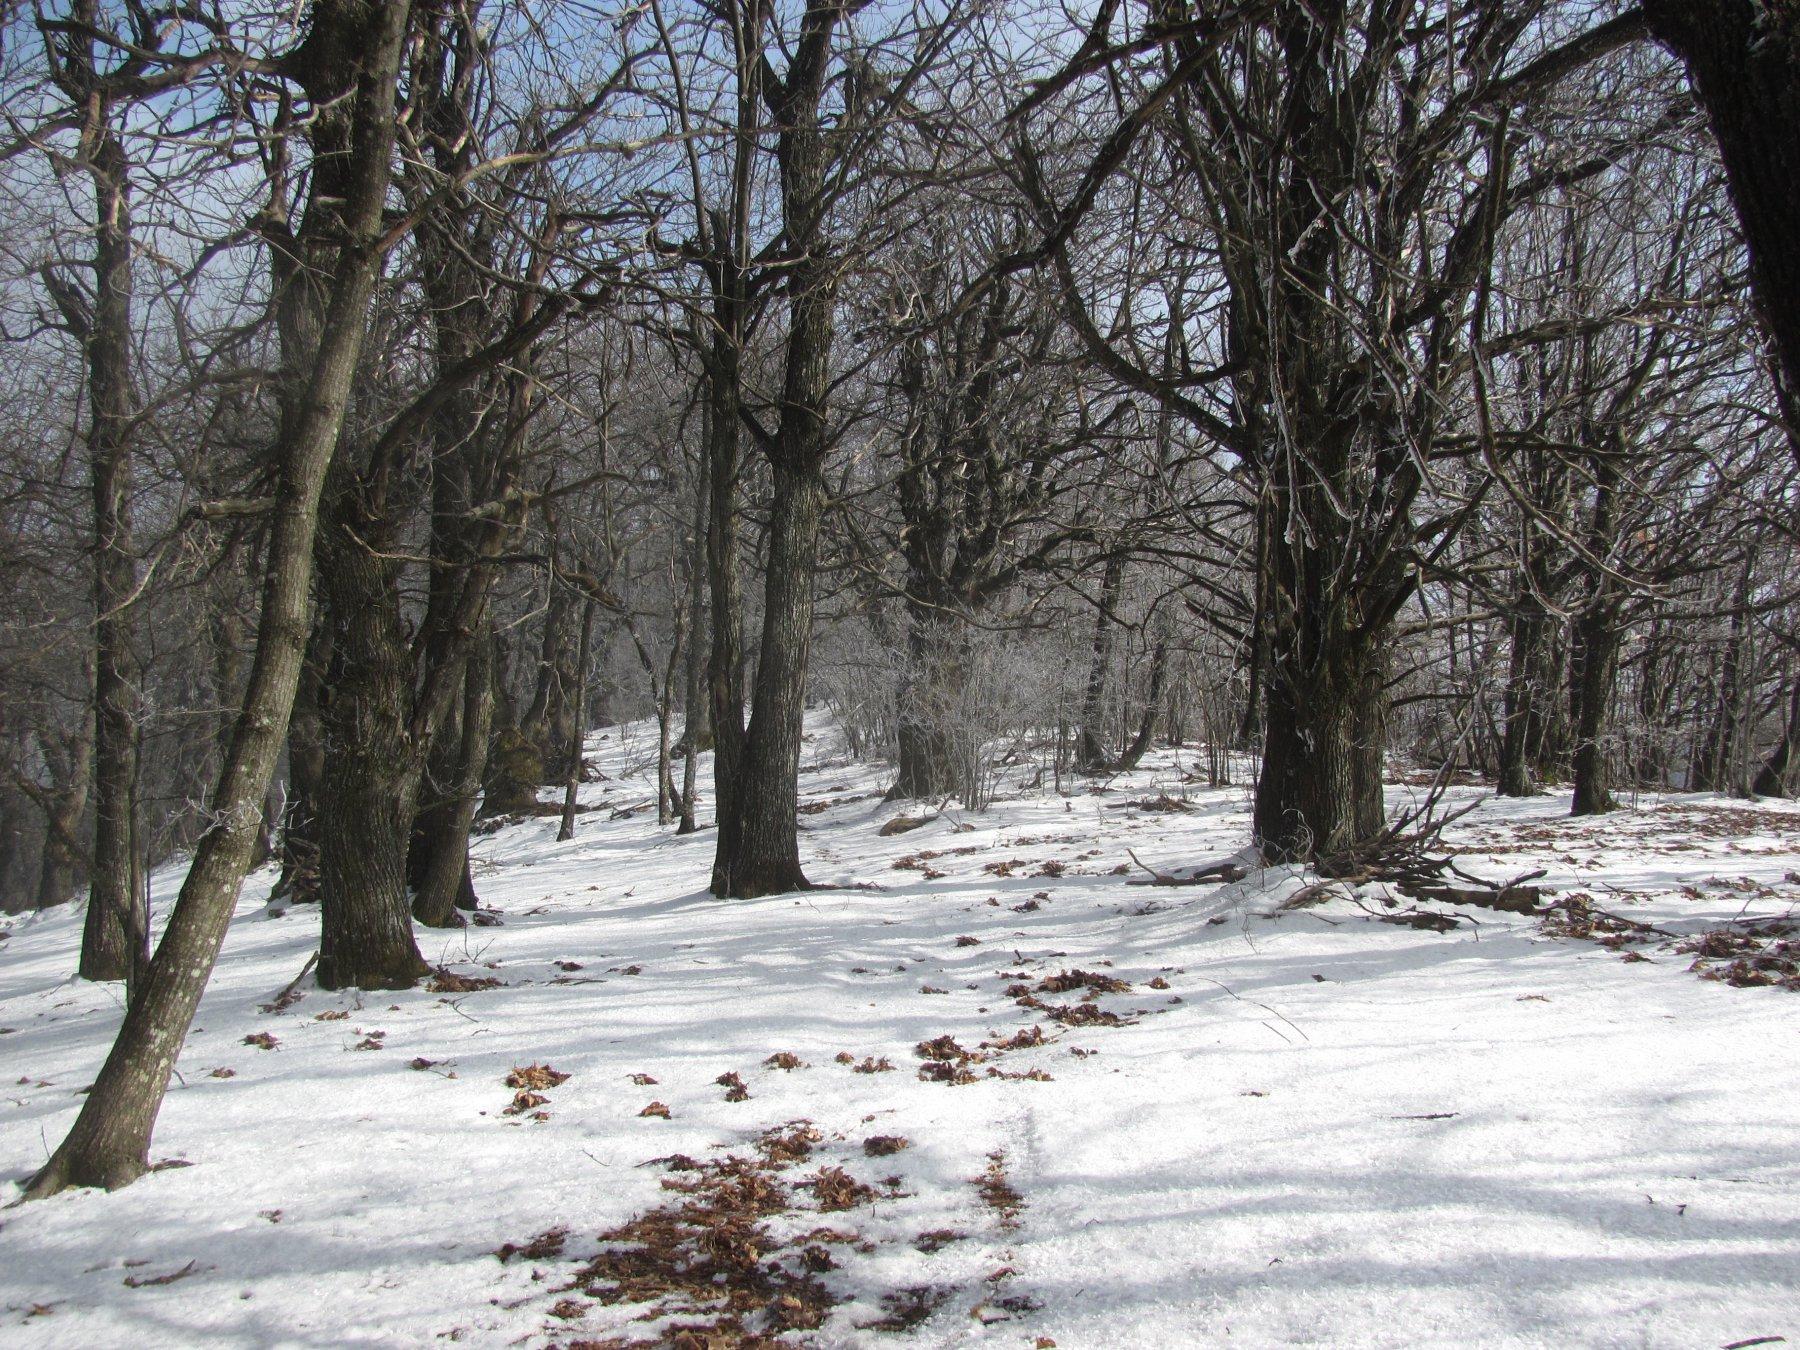 nel bosco è solo accennata una traccia